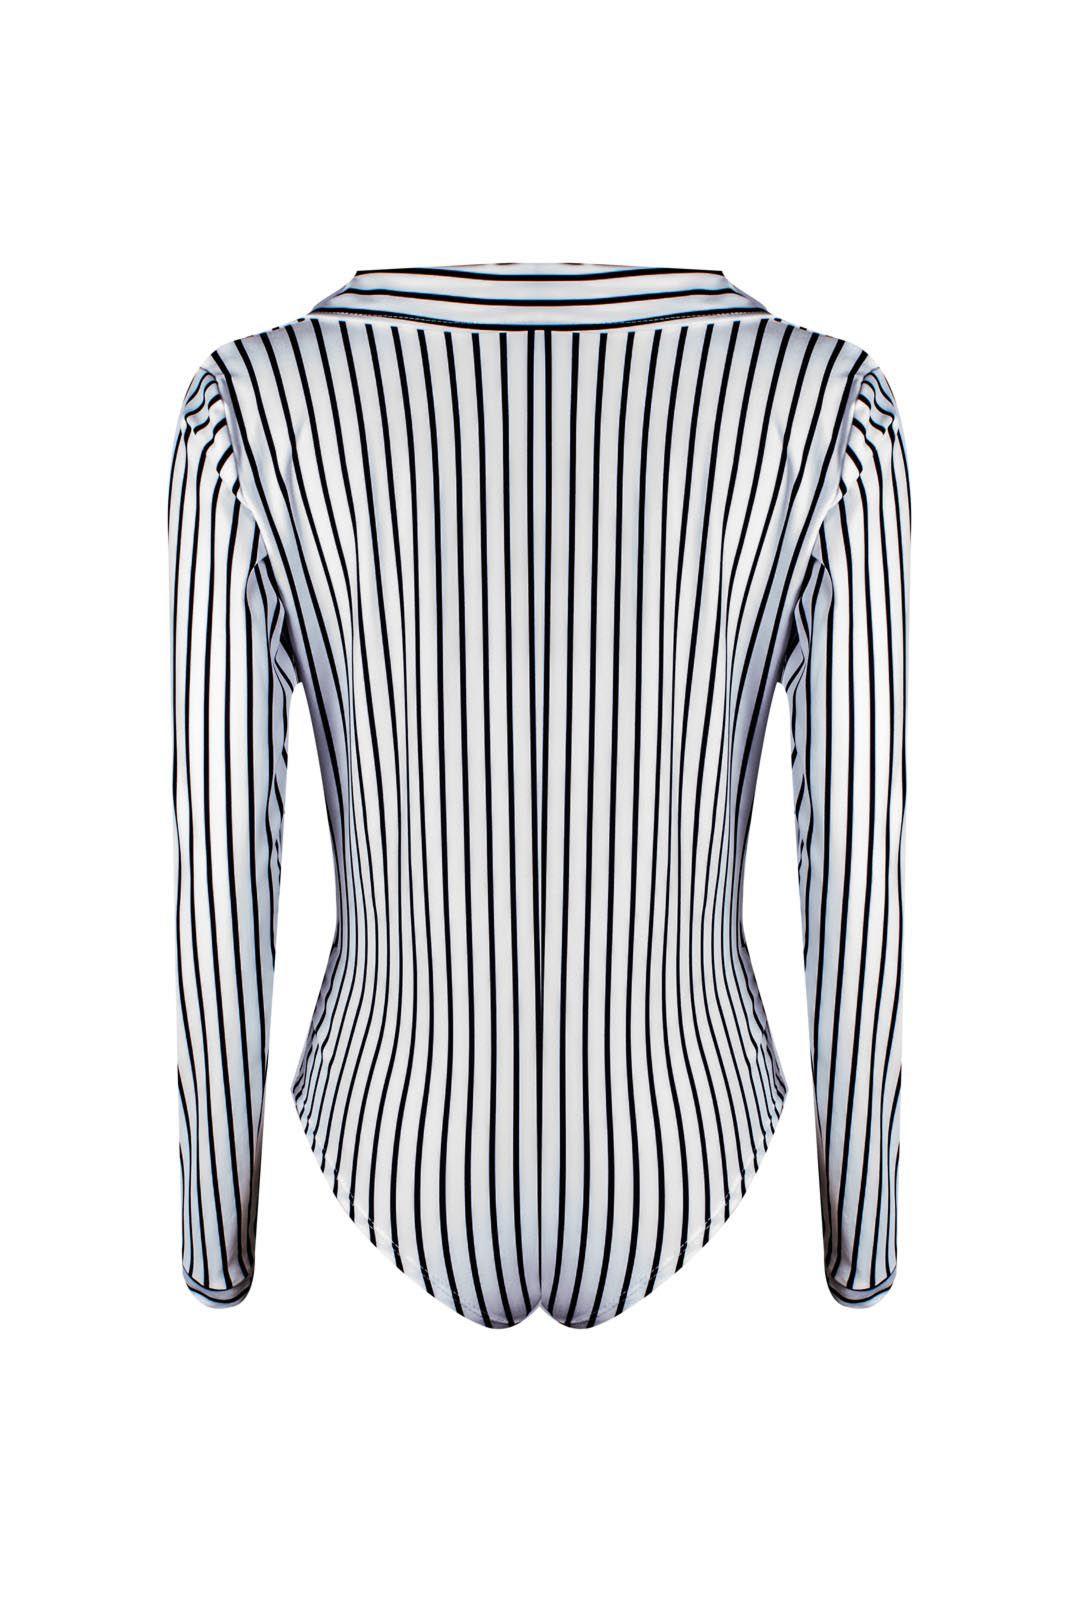 Body Outlet Dri Camisa Suplex Manga Longa Gola Transpassada Listrado Branco Com Preto